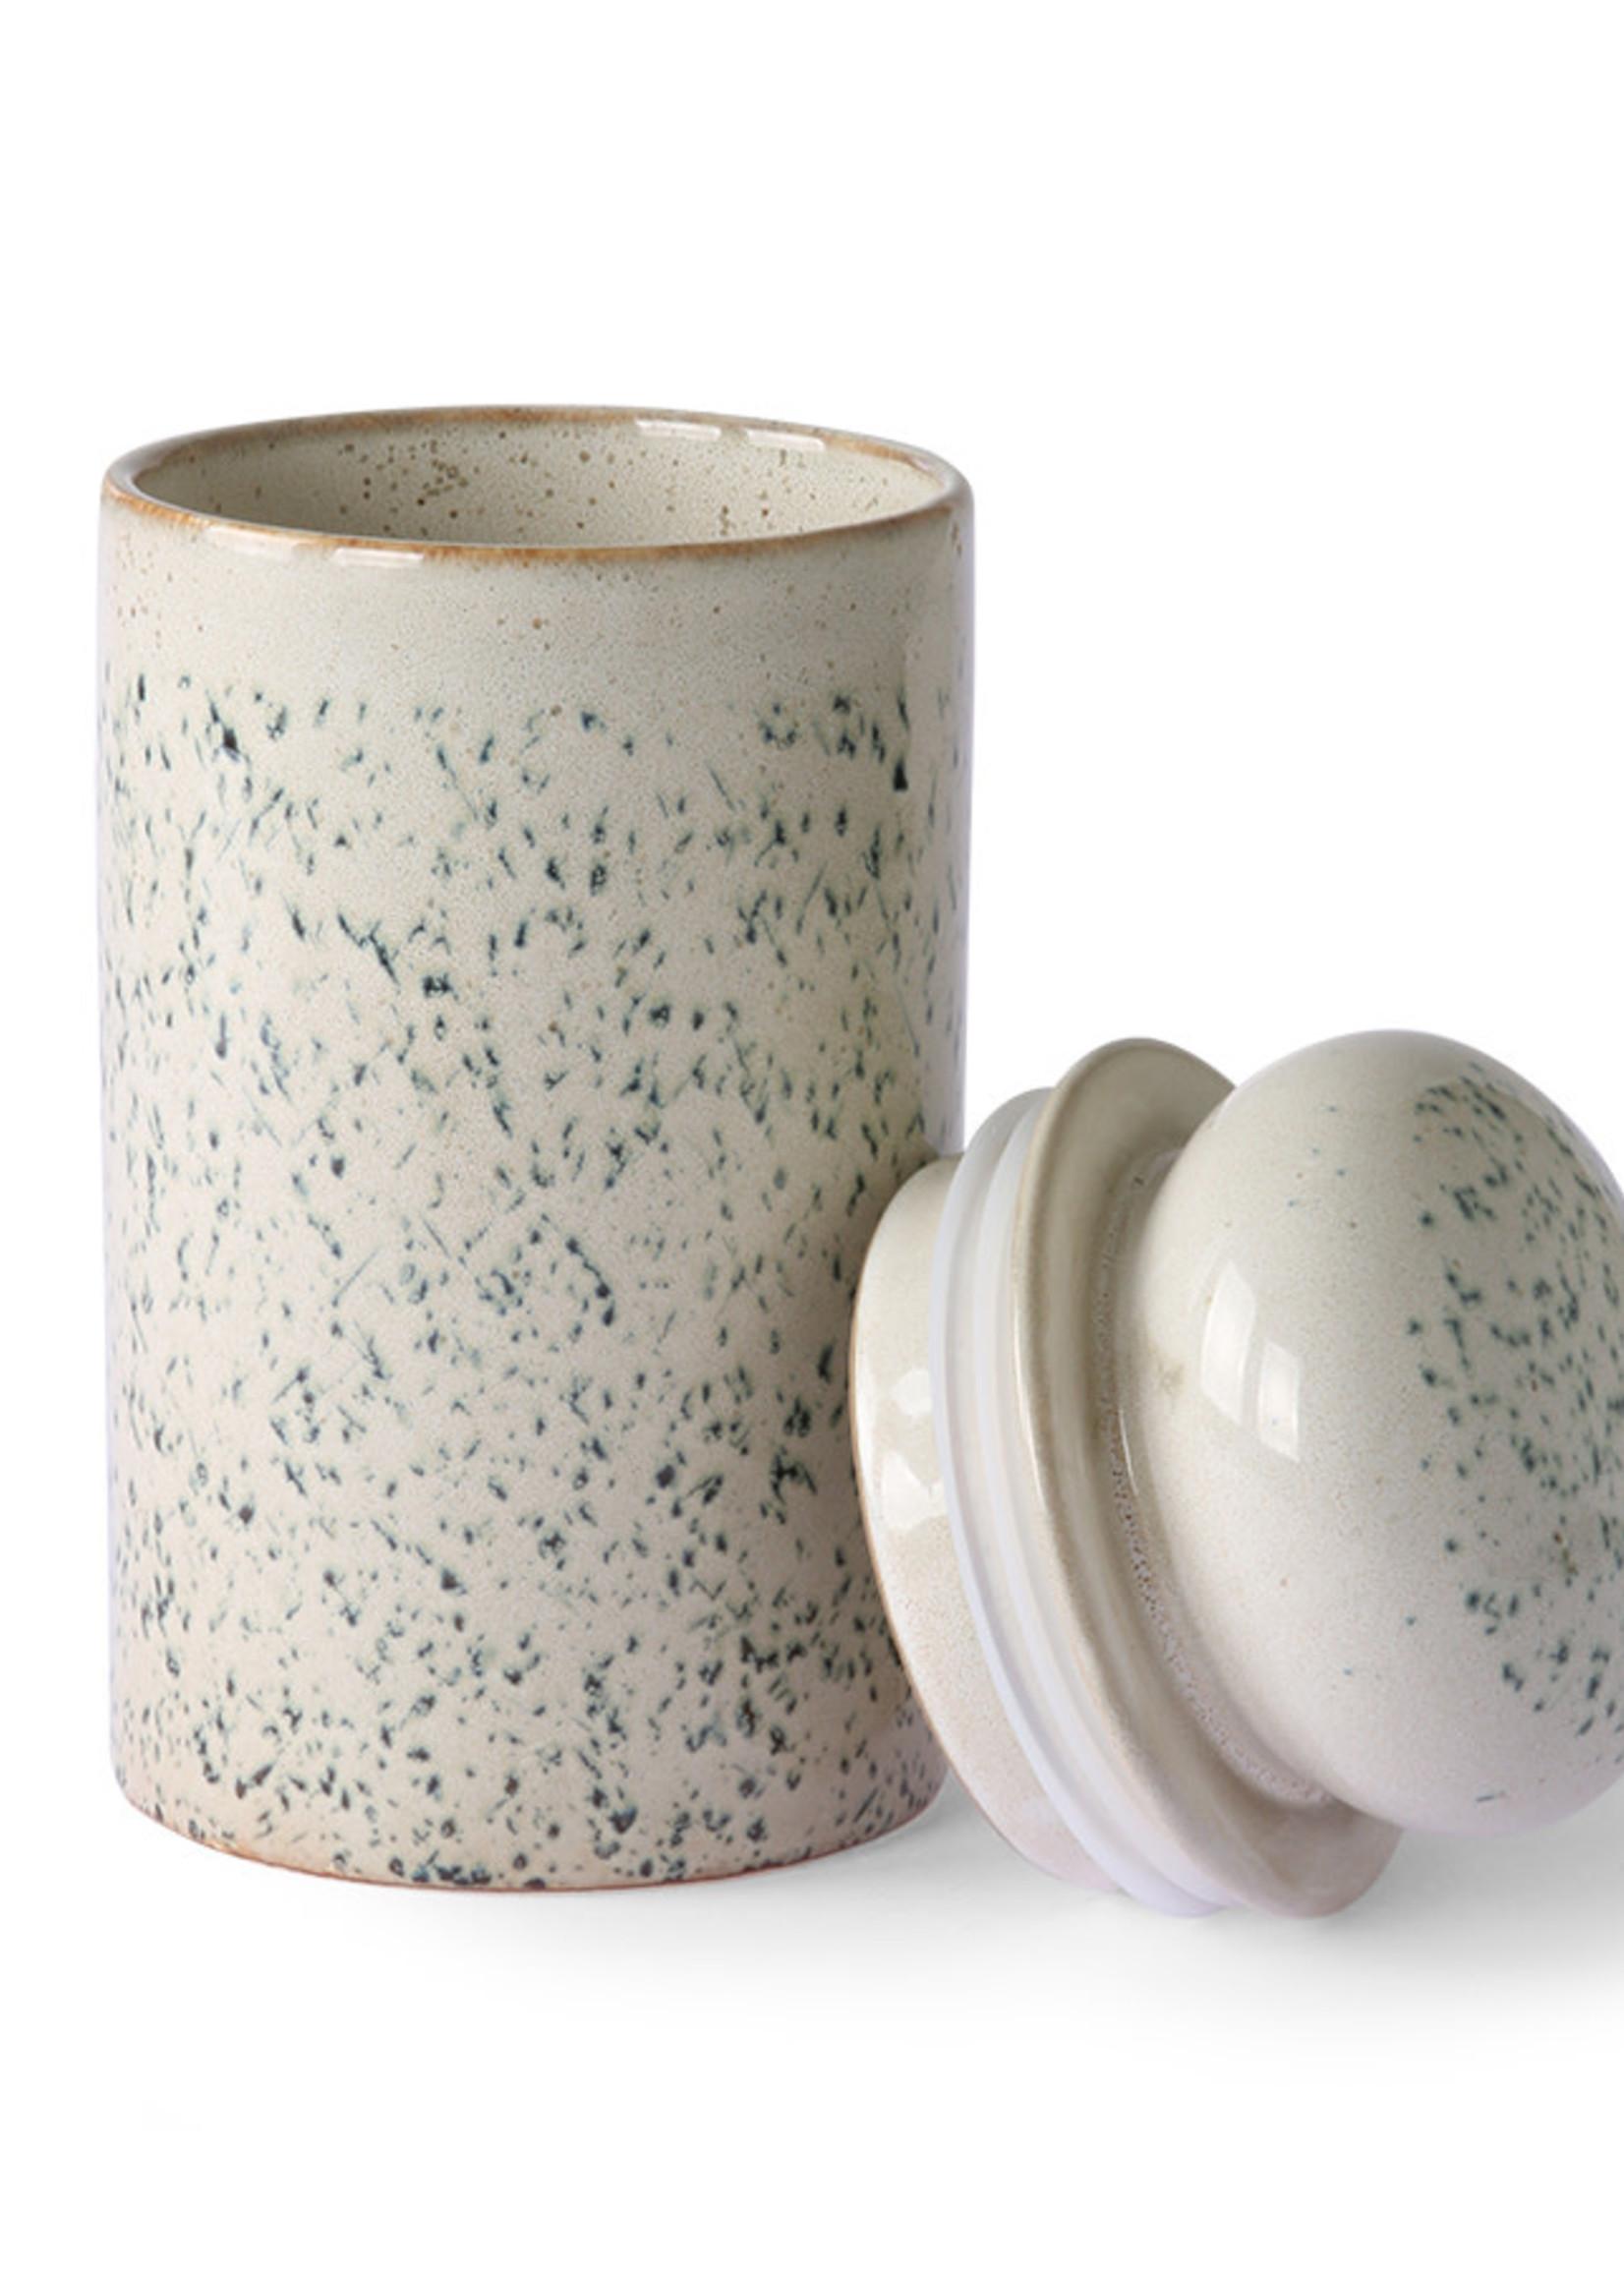 HKliving 70s ceramics: storage jar, hail